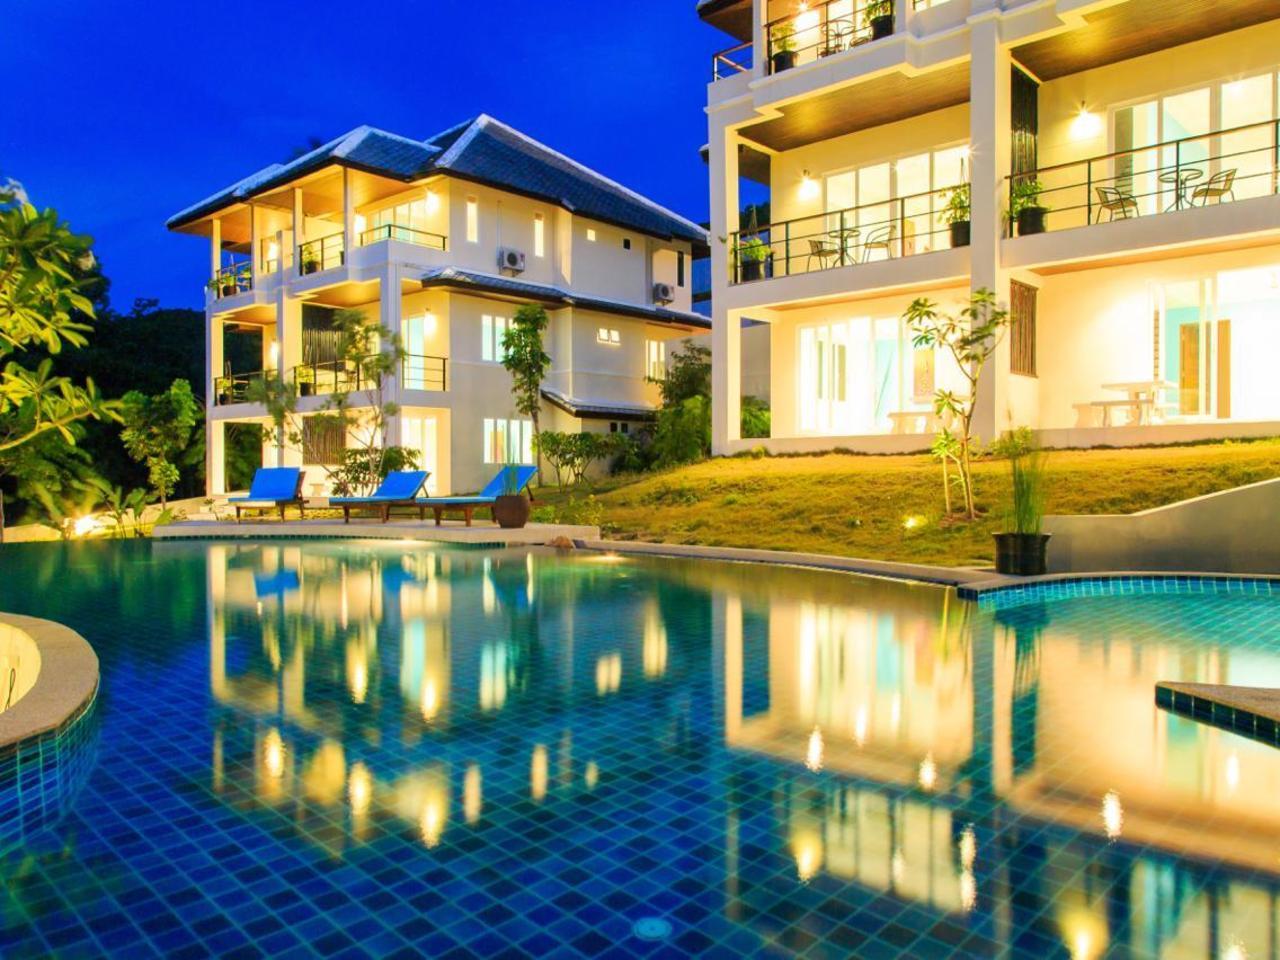 ทรอปิกา วิลลา รีสอร์ต (Tropica Villas Resort)